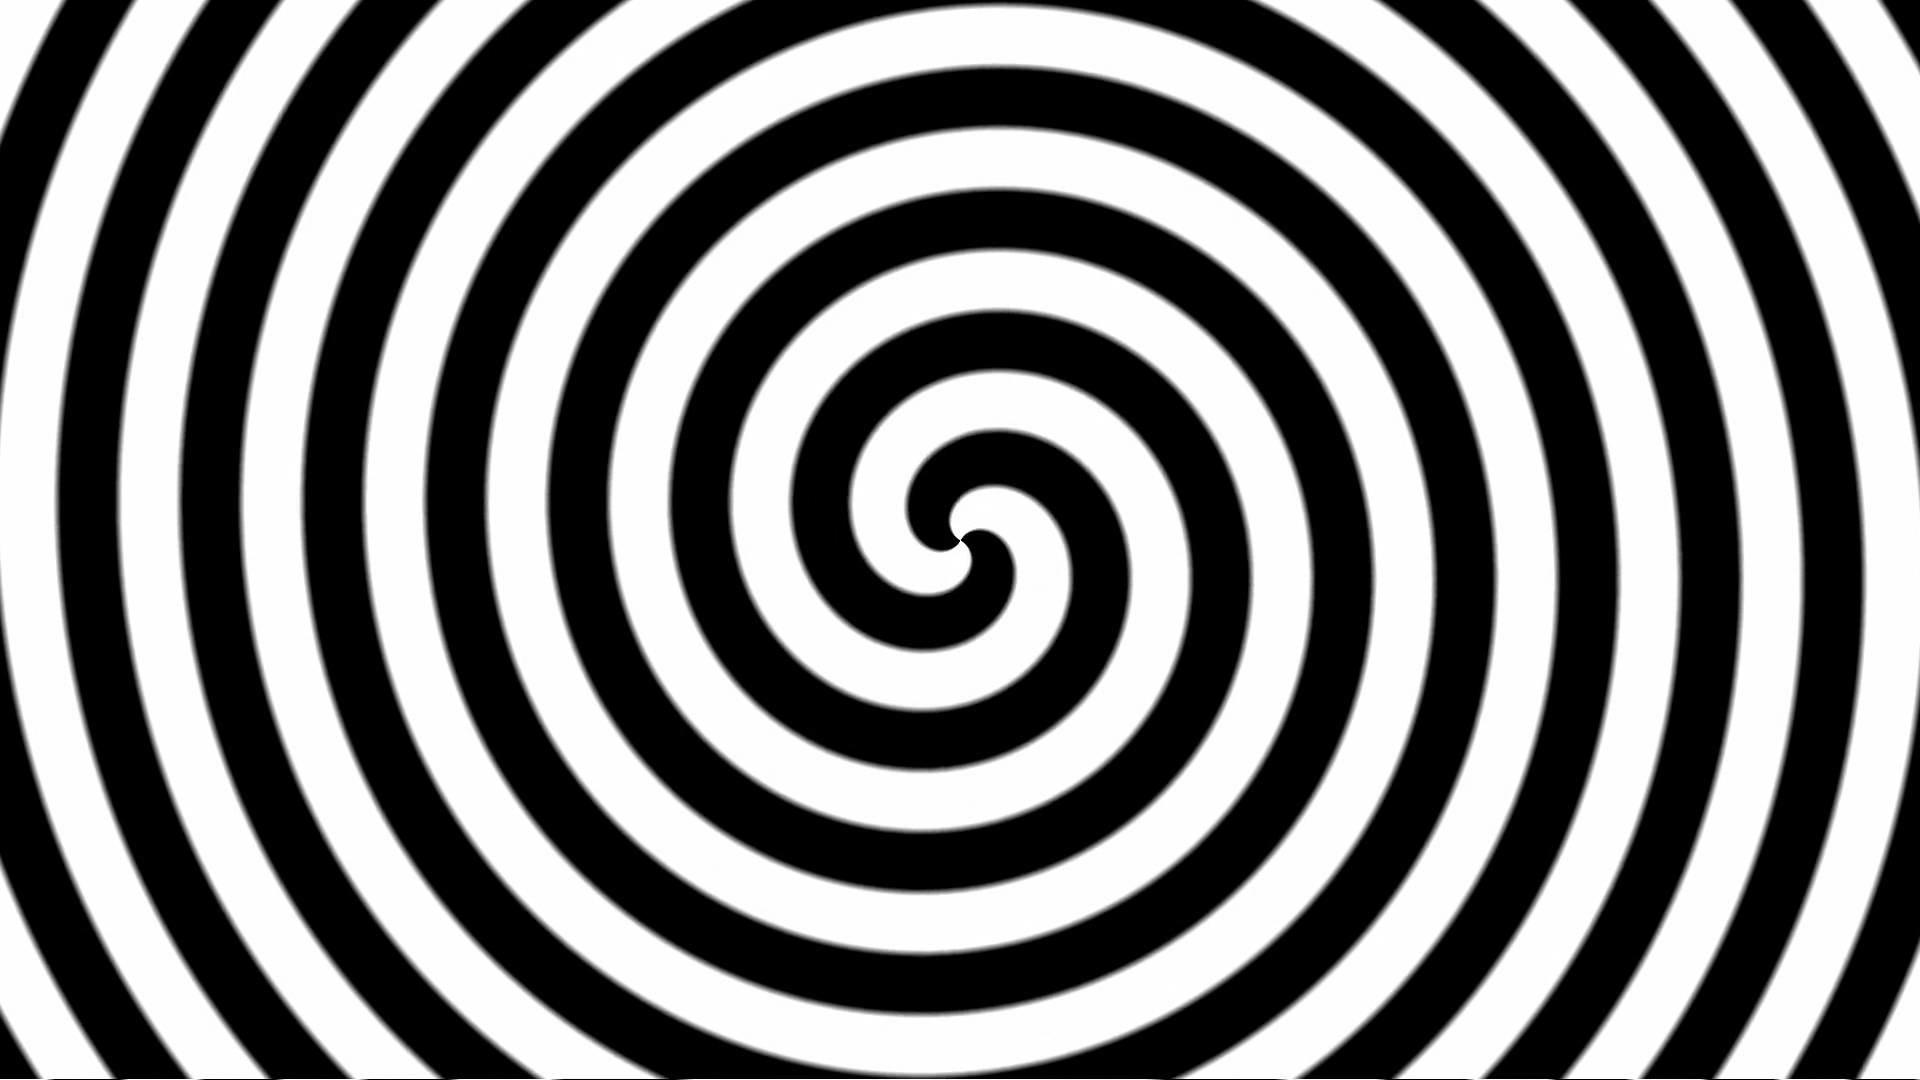 hypnosis circle moving gif